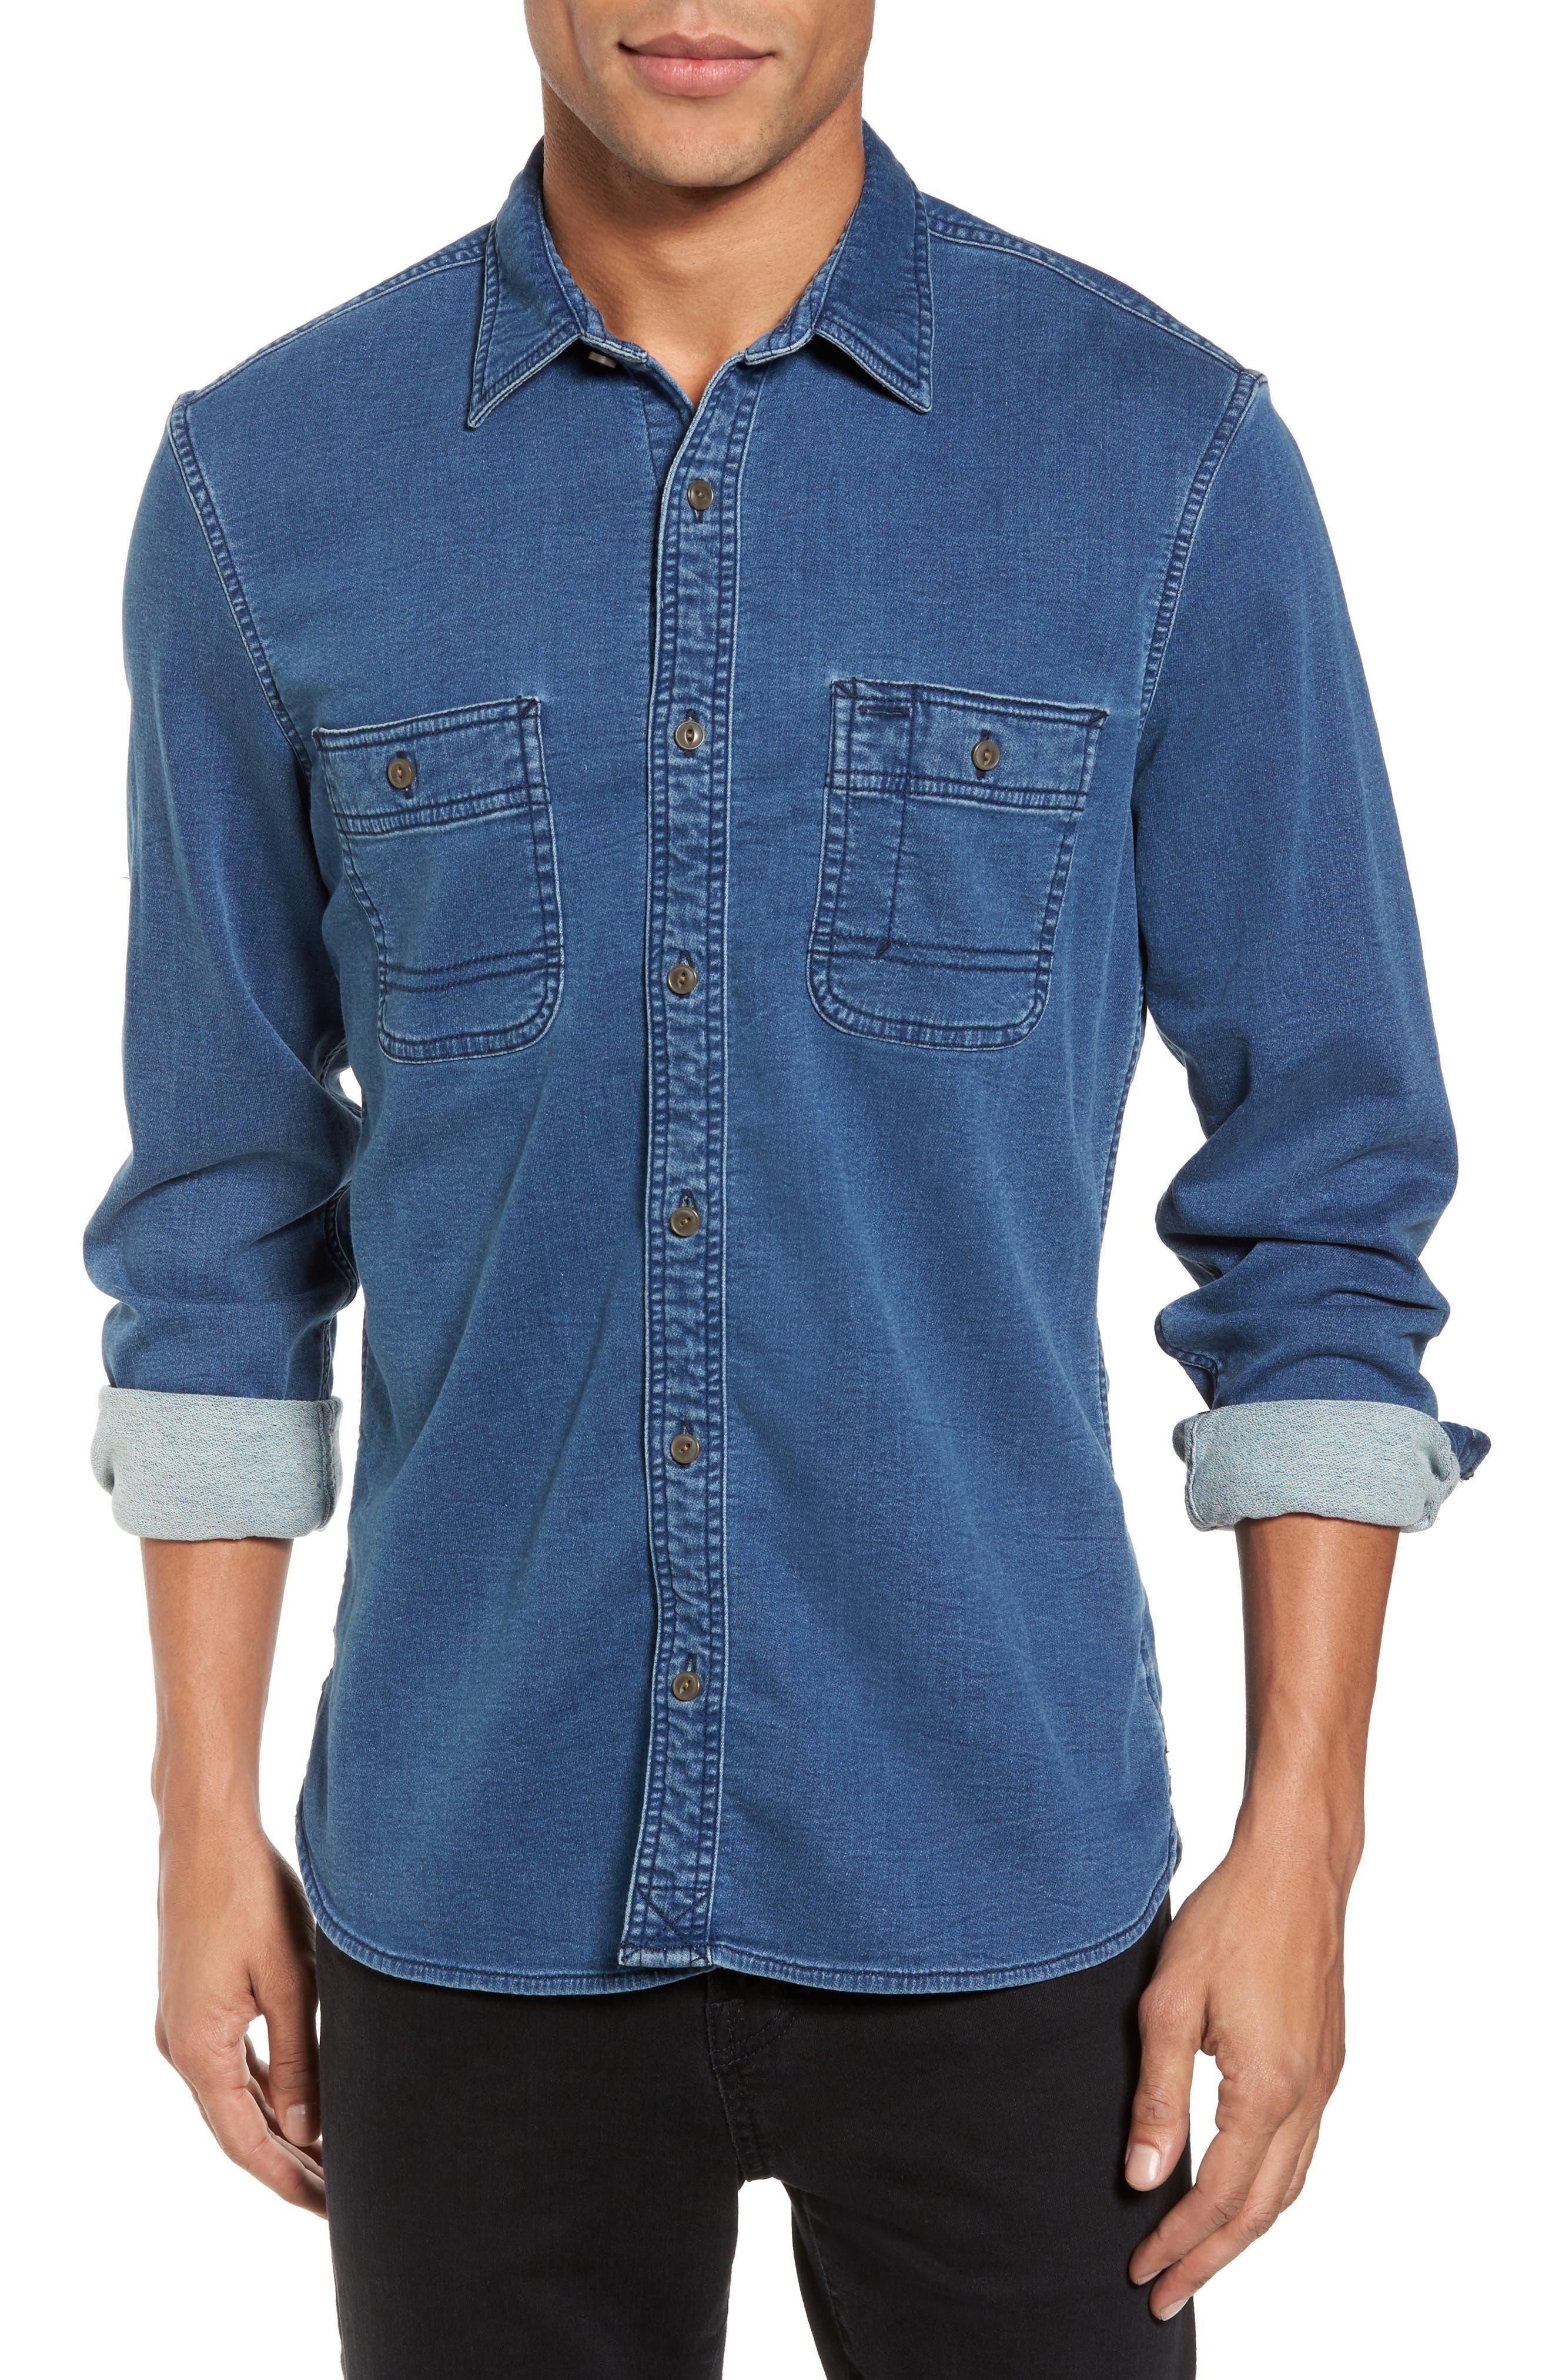 Alternate Image 1 Selected - Nordstrom Men's Shop Trim Fit Utility Wash Knit Denim Shirt